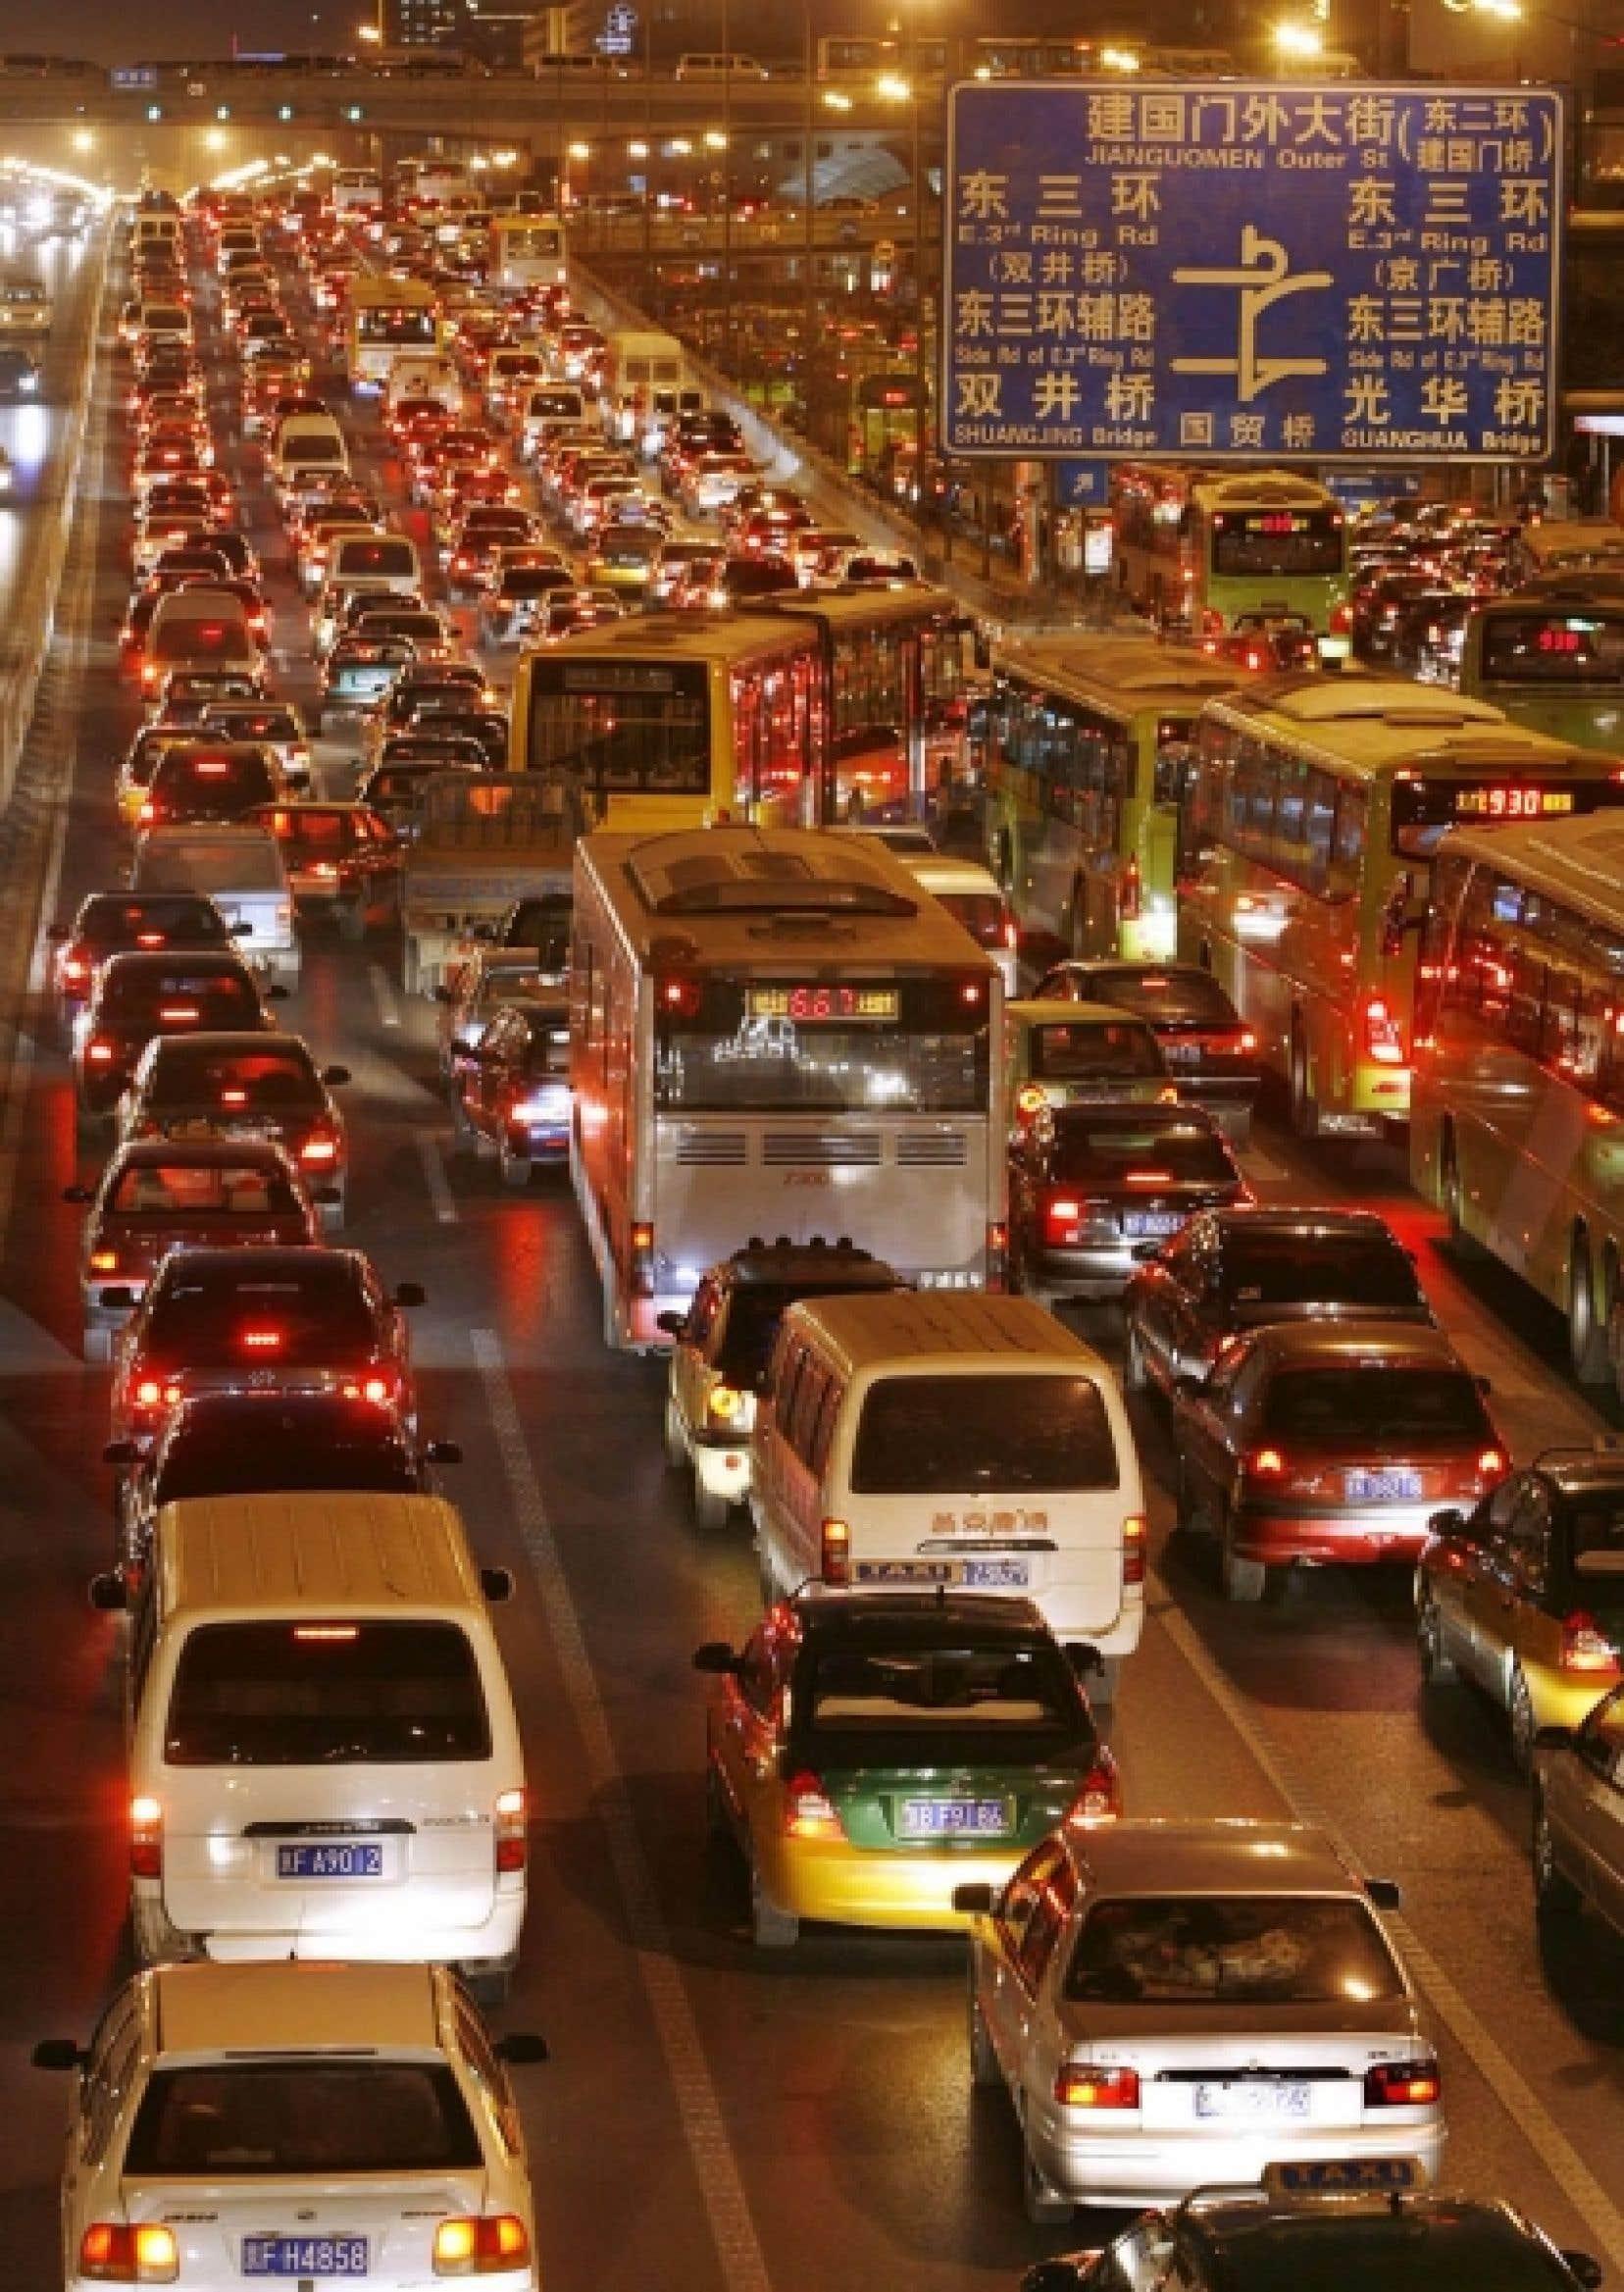 Pour diminuer la congestion urbaine croissante &agrave; Beijing, la Chine a choisi de construire un monorail suspendu, qui pourra se superposer facilement aux infrastructures routi&egrave;res existantes.<br />